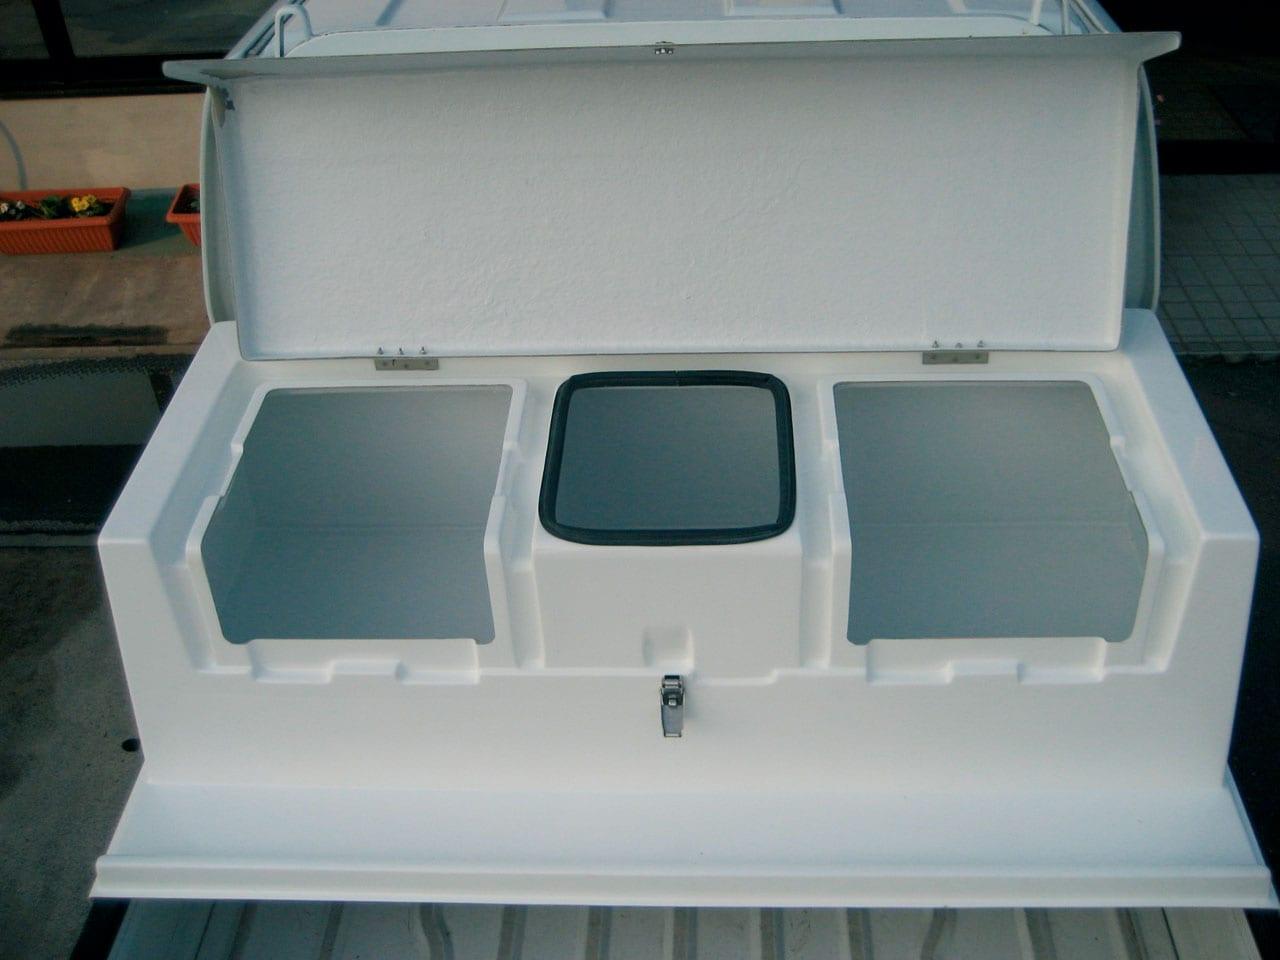 釣り道具や工具を収納できる多機能ボックスもほか|軽トラ実用パーツまとめ2|ラクホロ、NLAセレクト、オーガニックボート